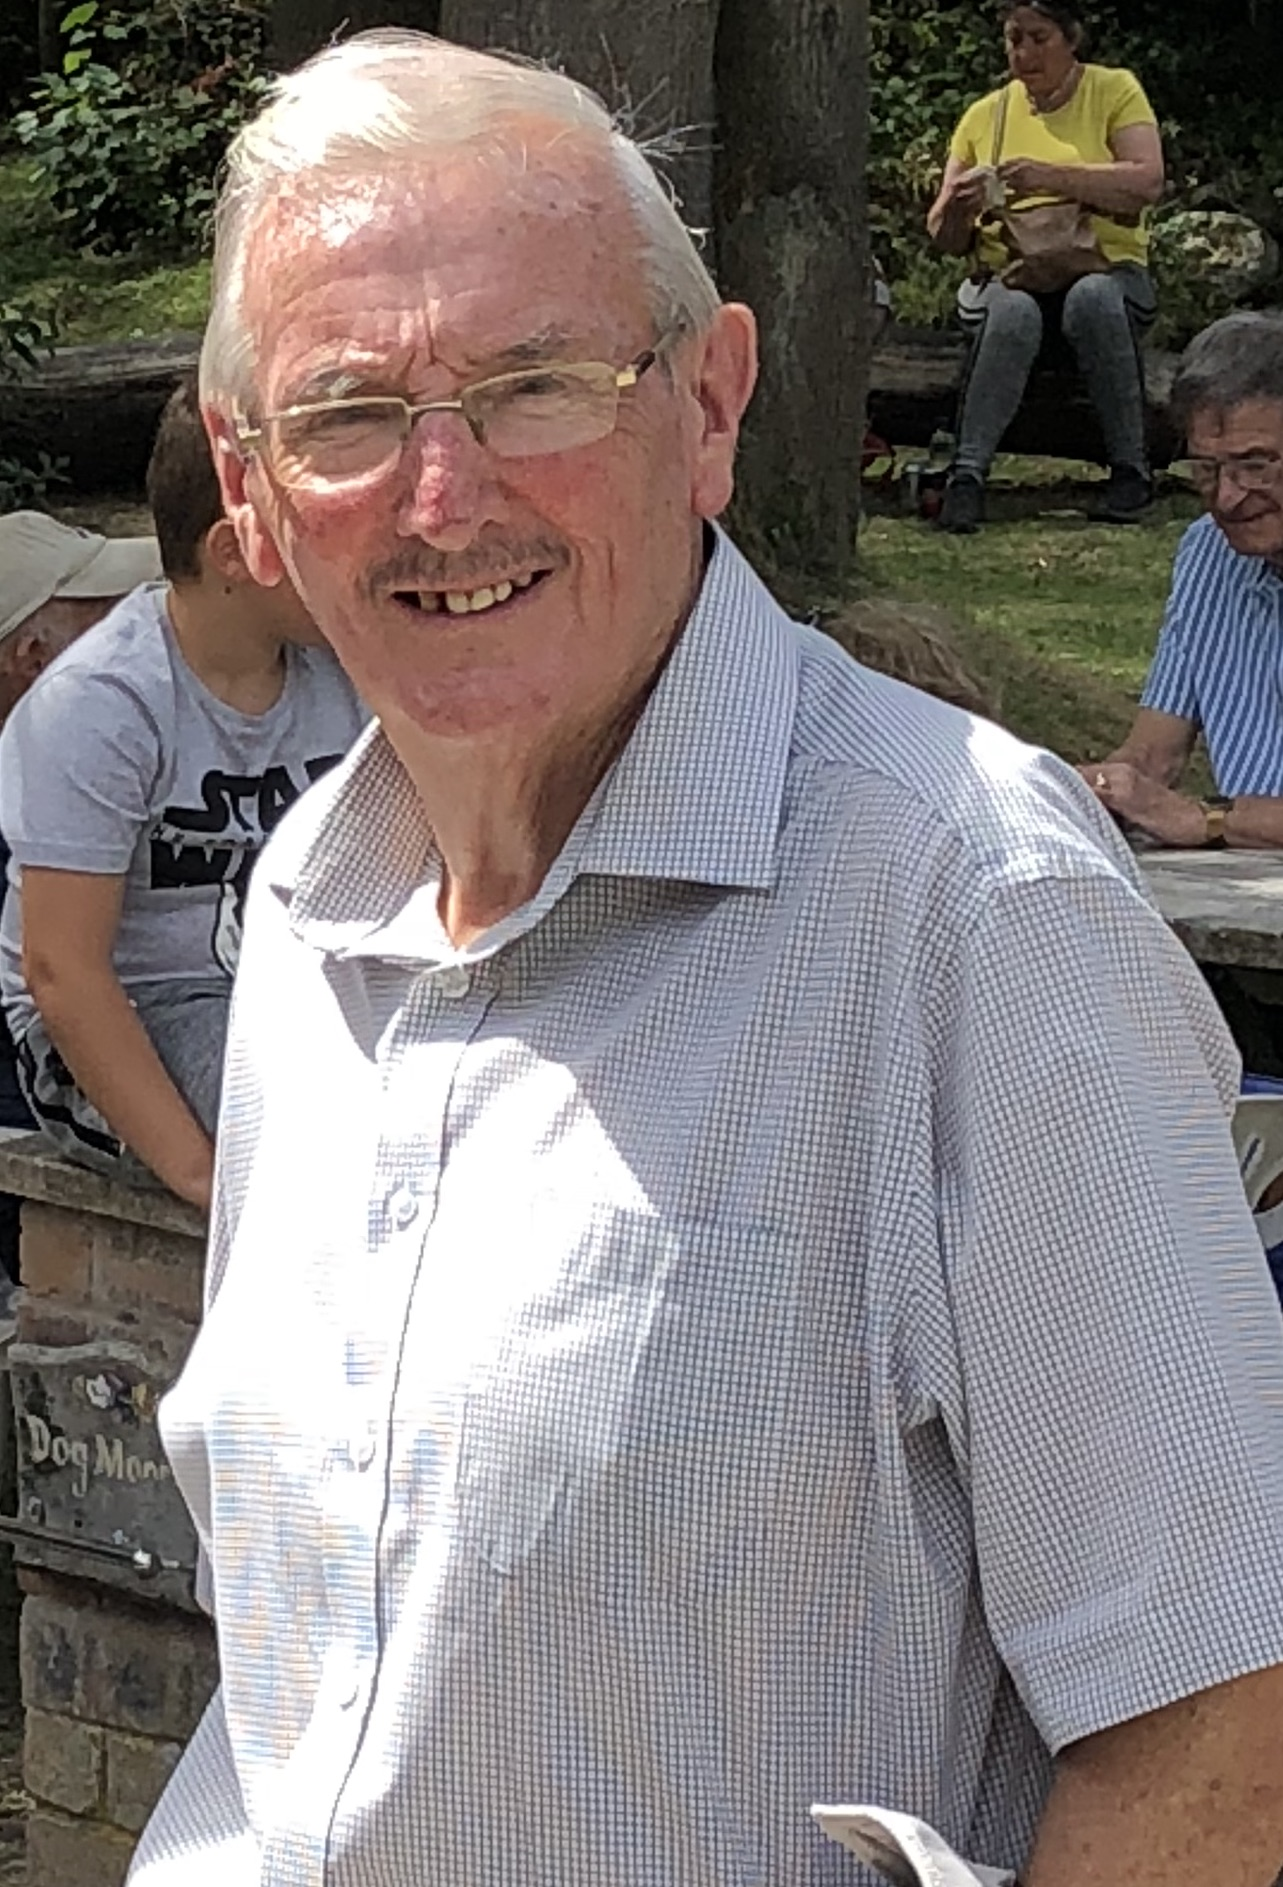 Stephen Foulkes